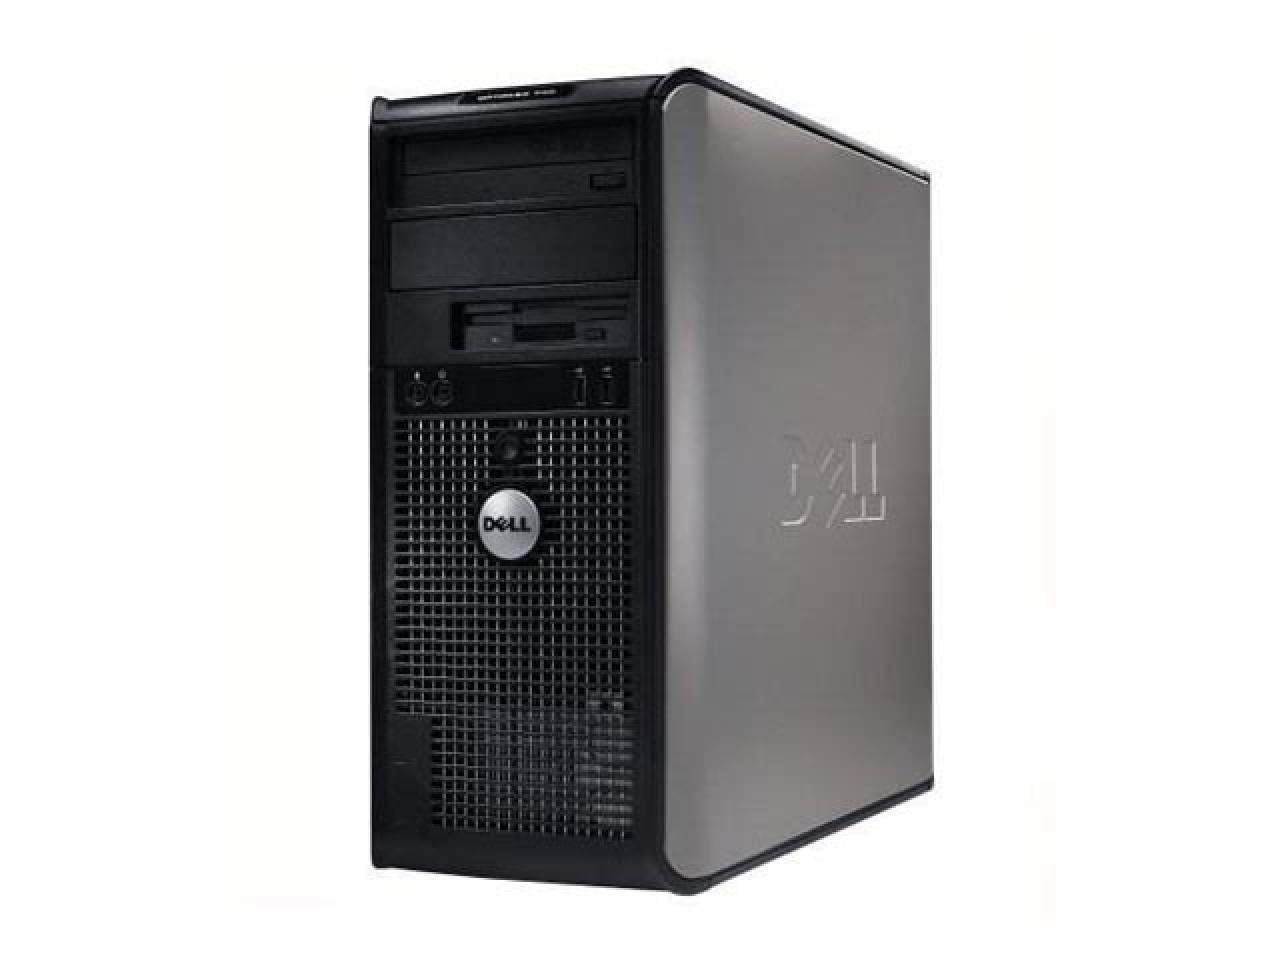 Dell OptiPlex 745c MT  - shop.bb-net.de